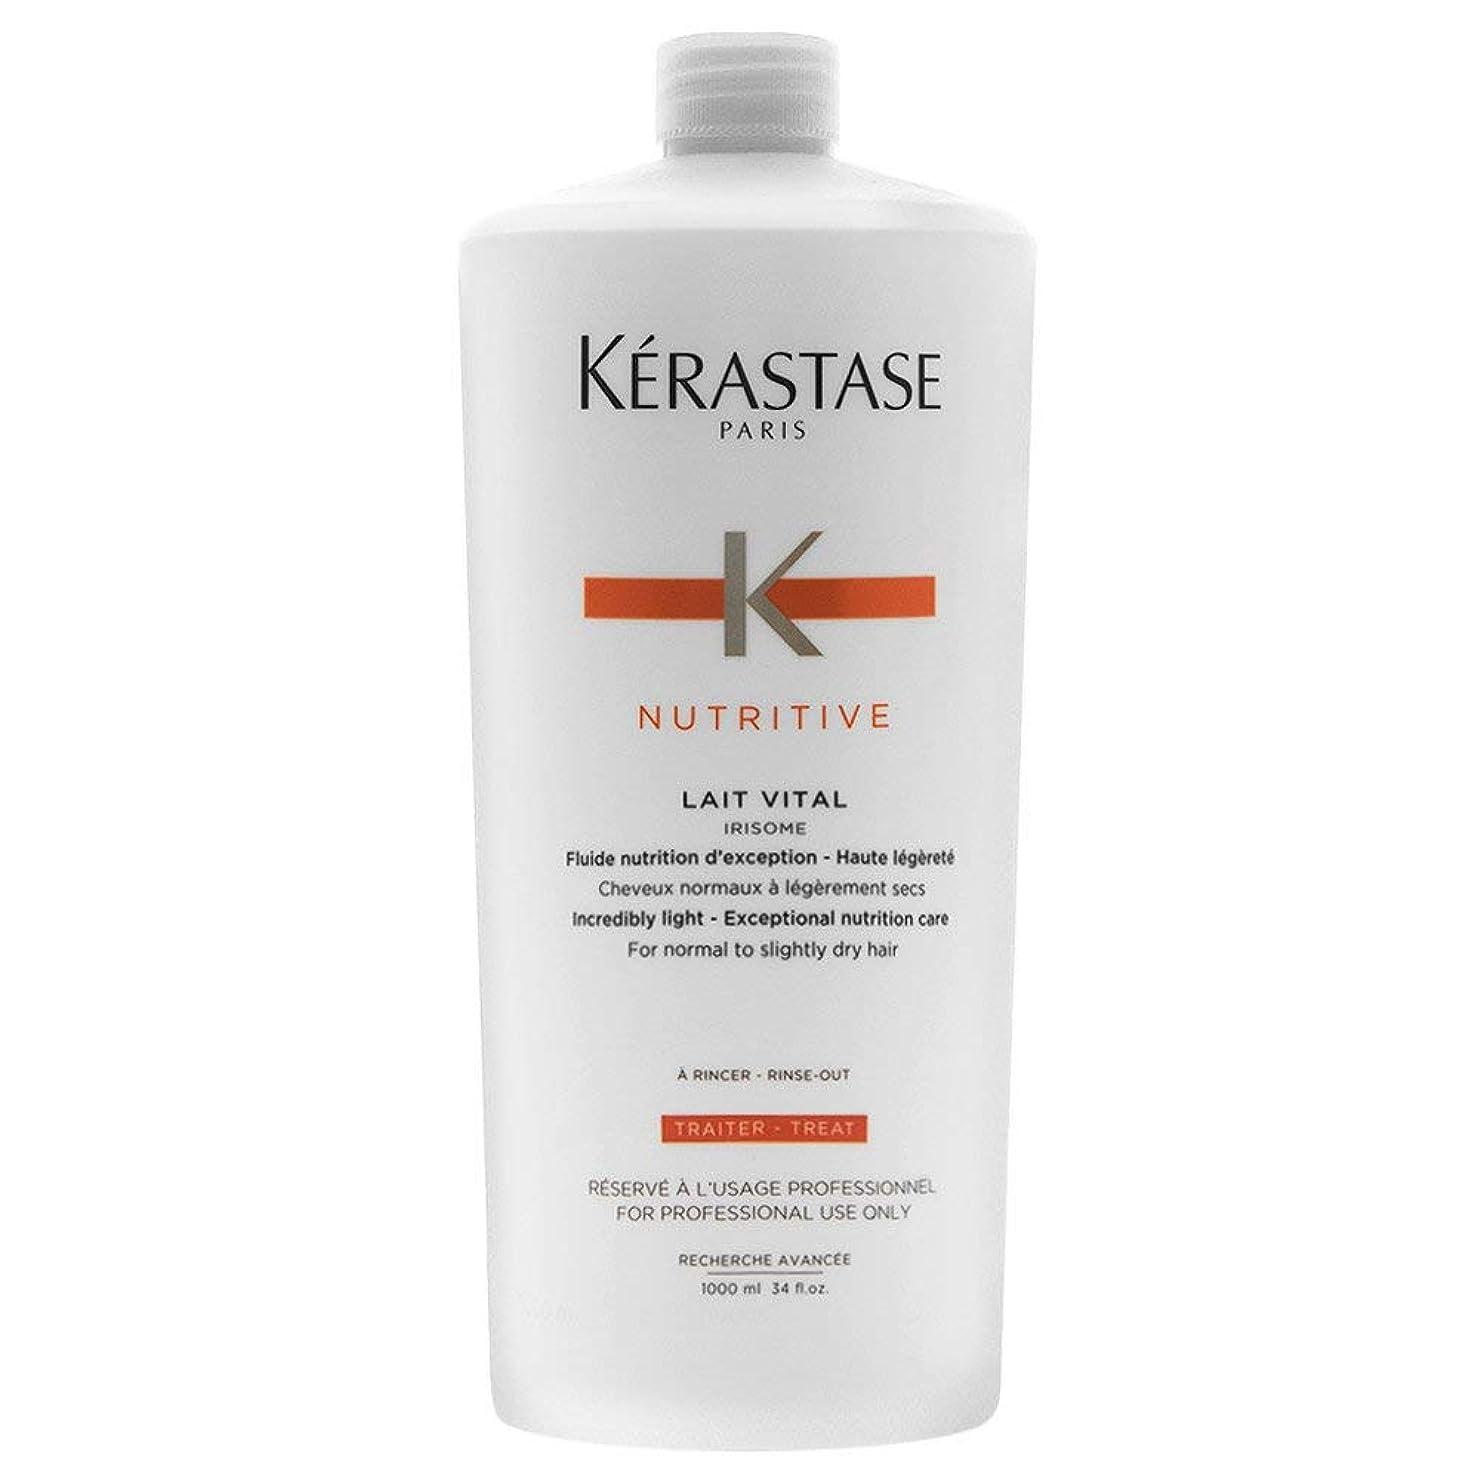 勧める排除正確ケラスターゼ ニュートリティブバンサテン1エクセプショナルニュートリションシャンプー 1000ml(普通~少し乾燥した髪